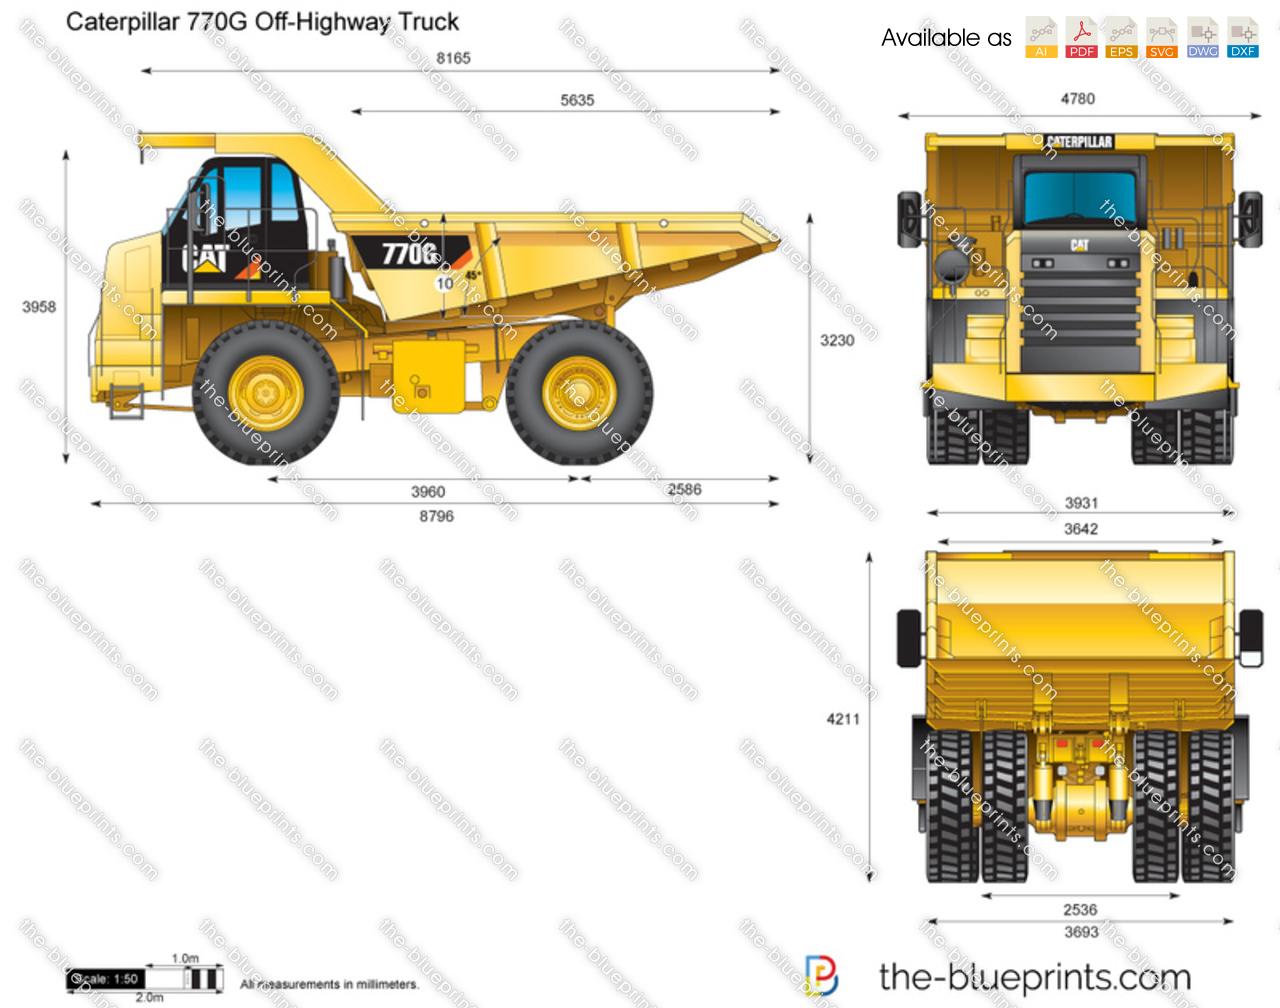 Caterpillar 770G Off-Highway Truck